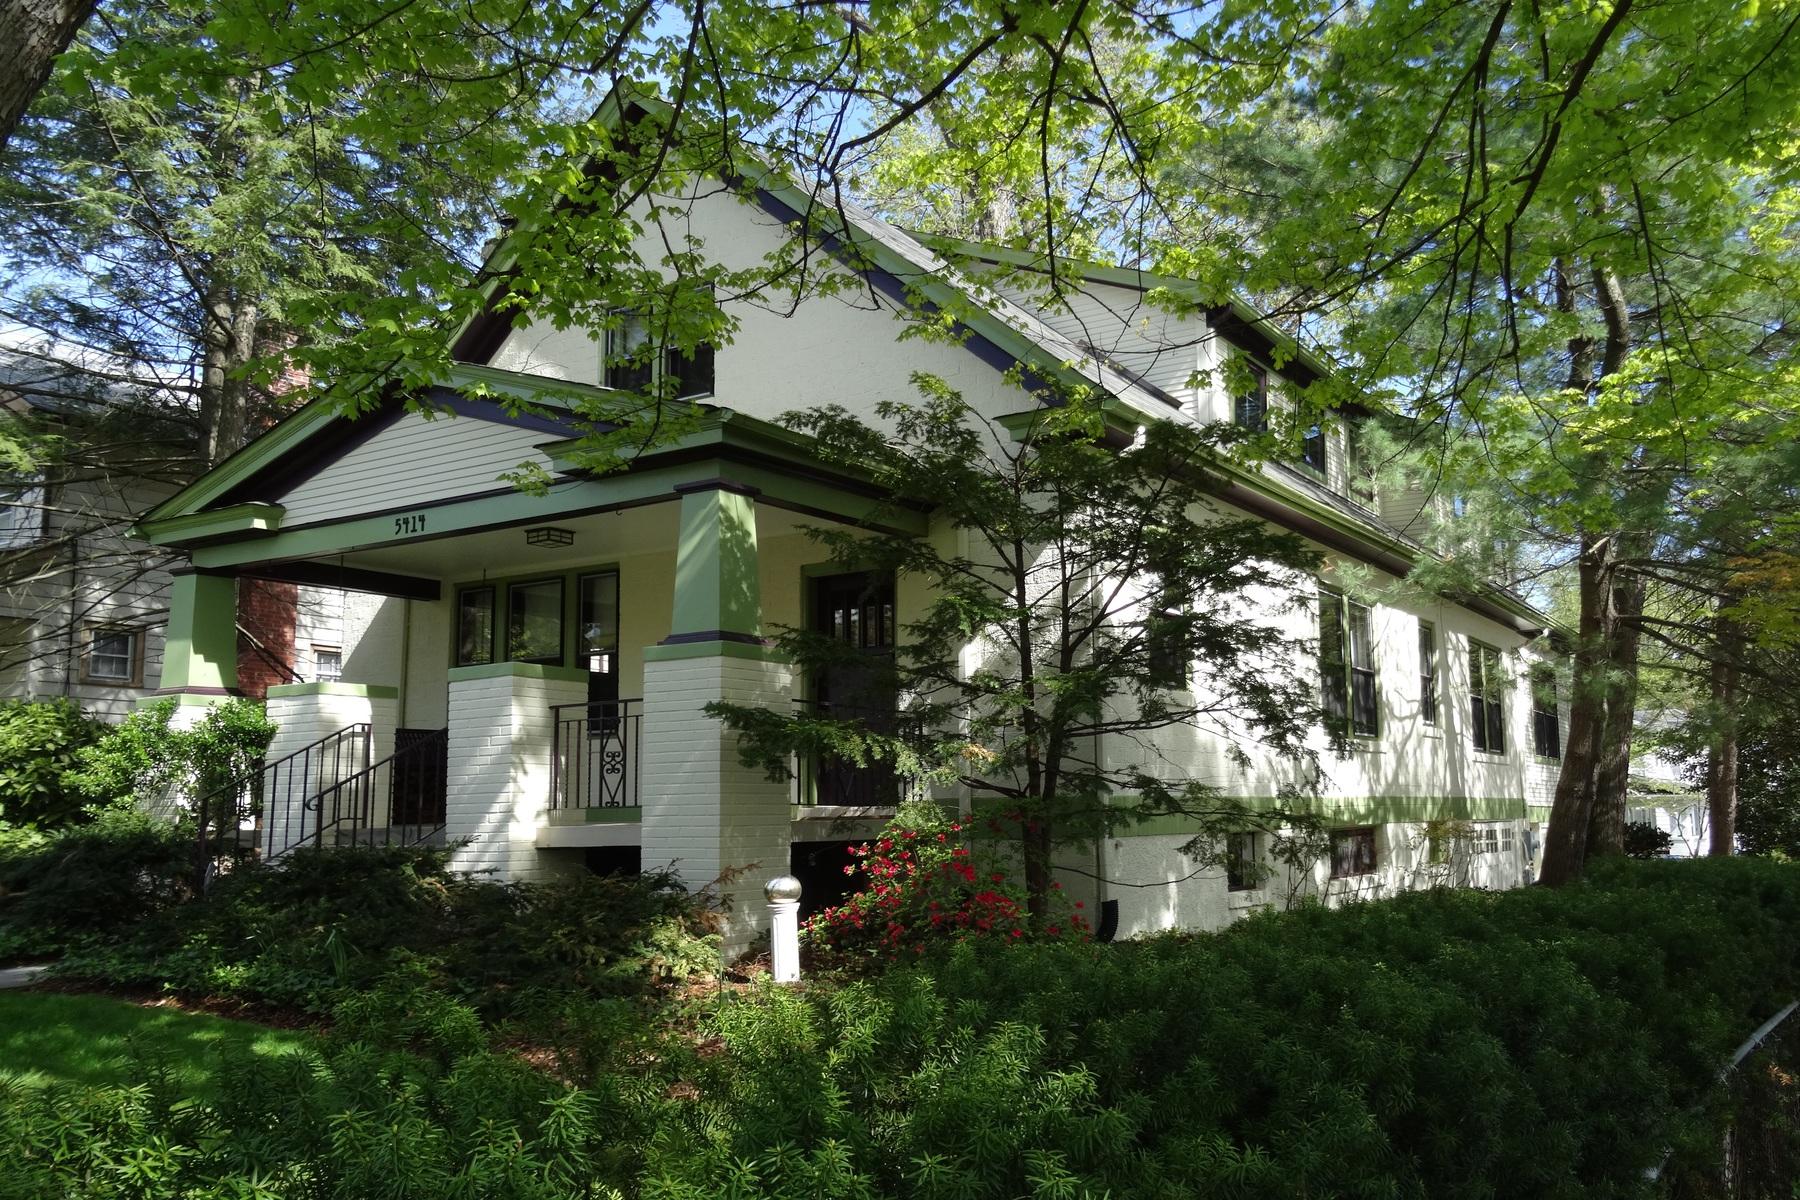 Einfamilienhaus für Verkauf beim 5414 Galena Place Nw, Washington Palisades, Washington, District Of Columbia 20016 Vereinigte Staaten